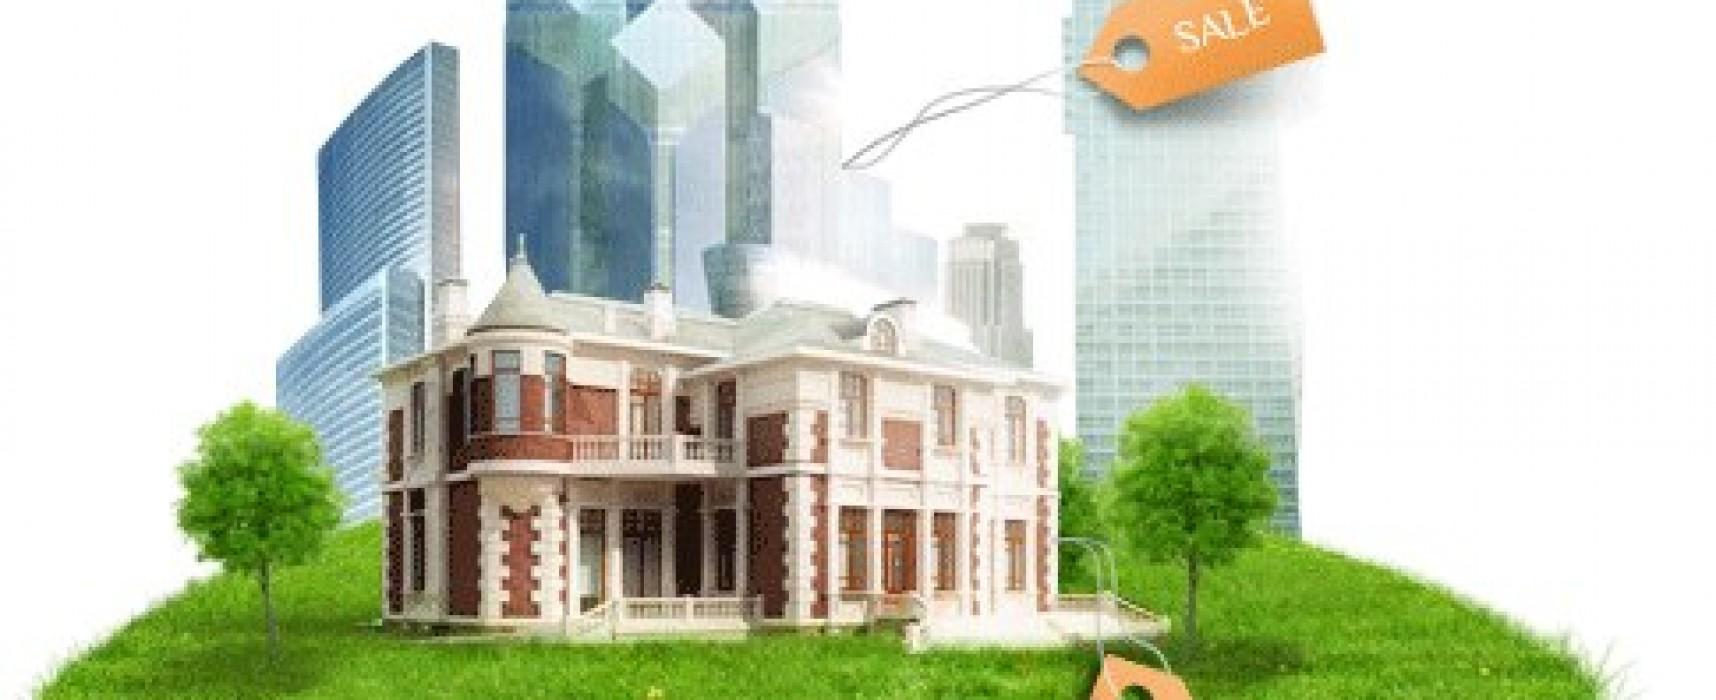 Рассмотрим, что ожидает гражданина Украины при продаже недвижимости в Крыму